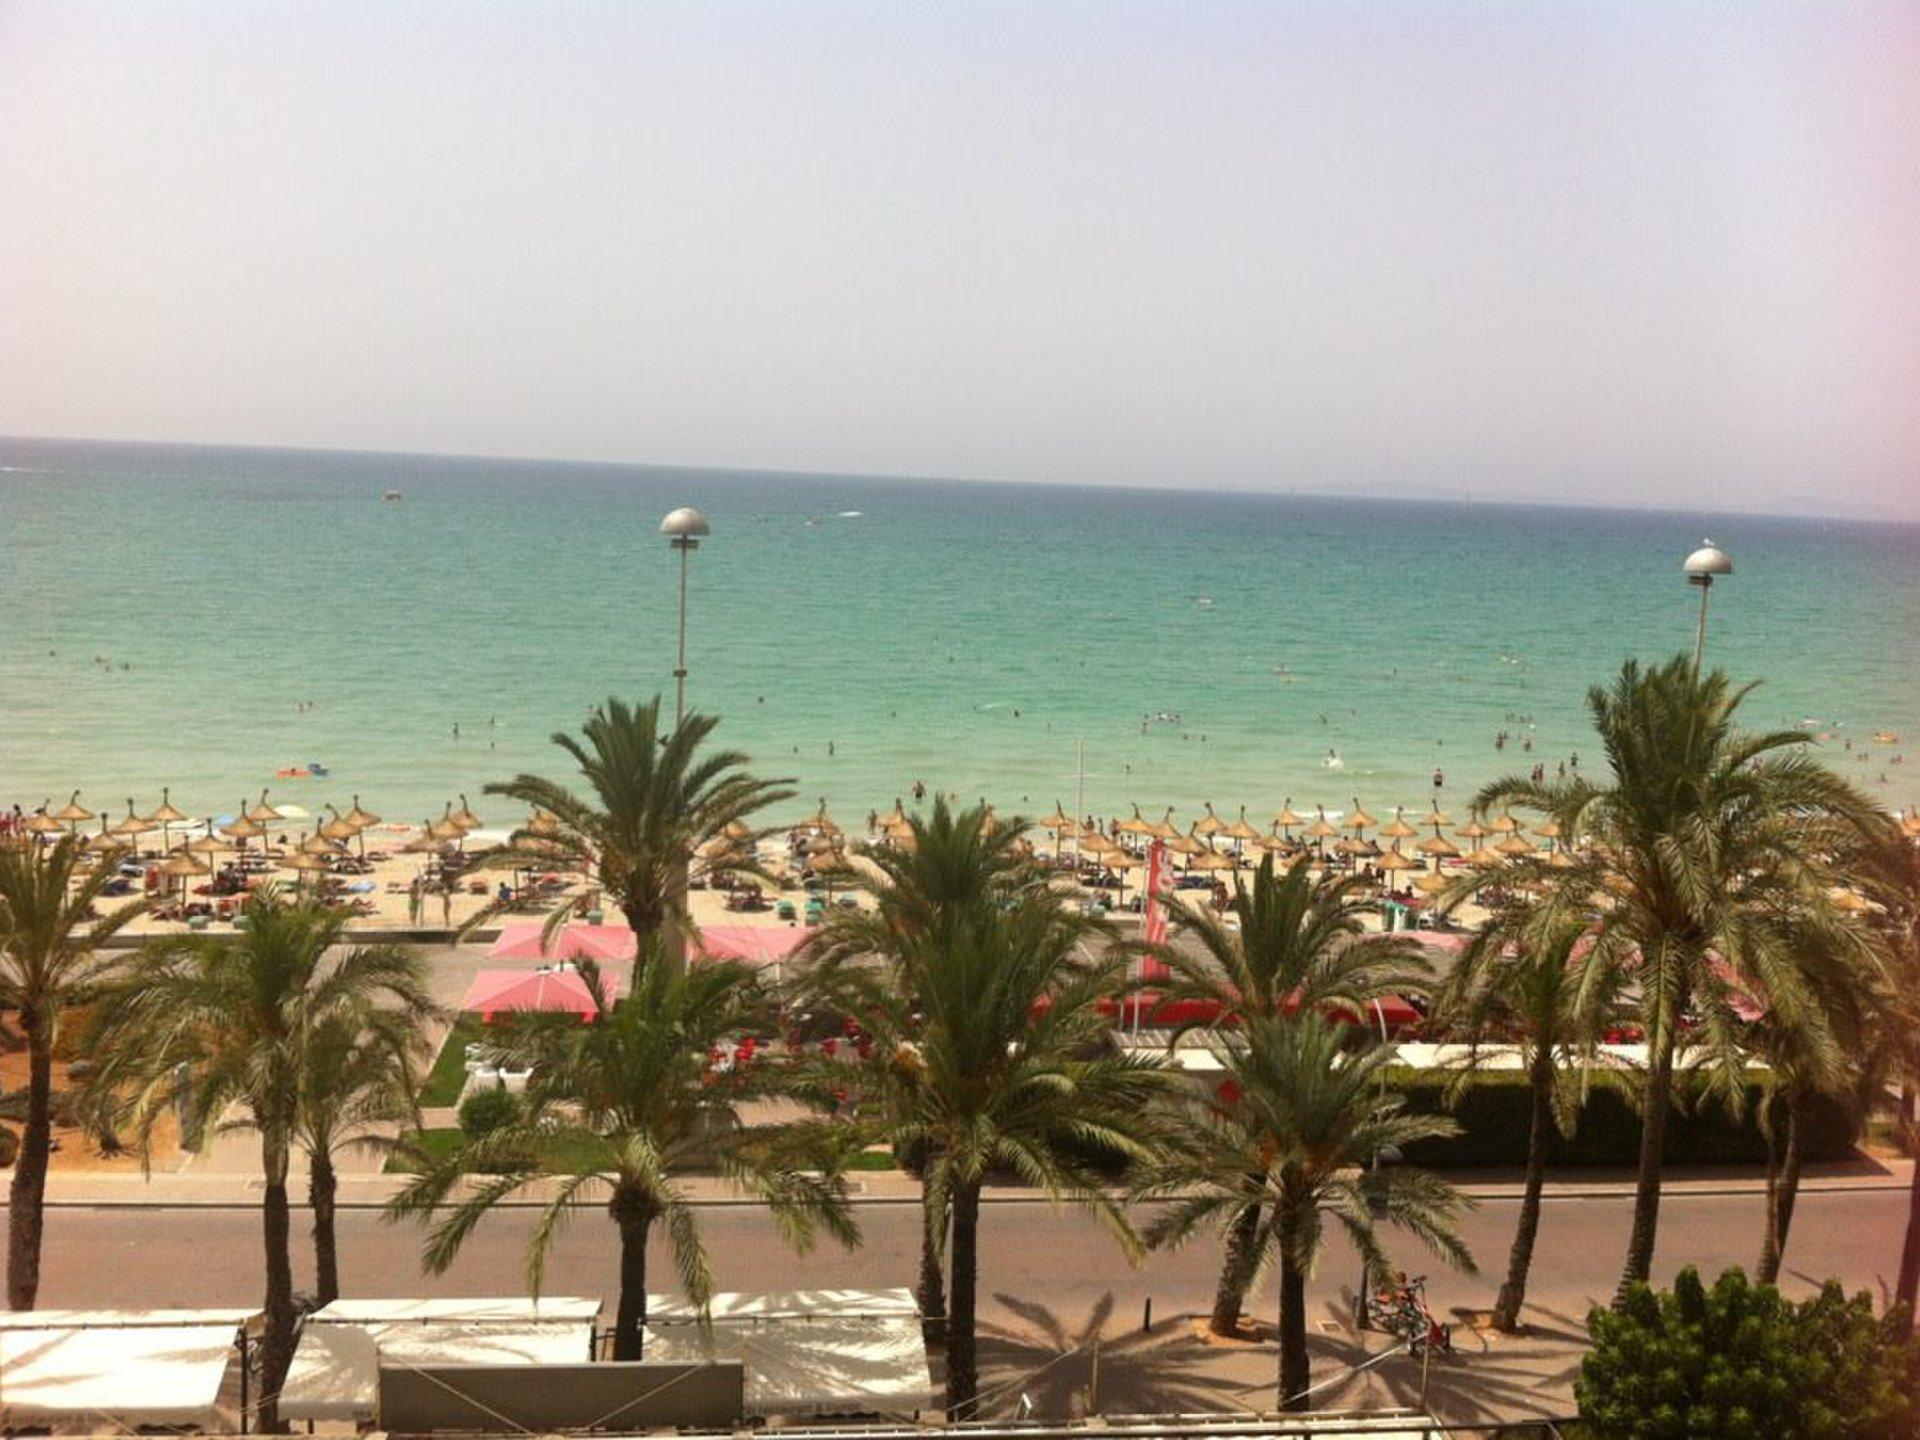 スペインの楽園♡マヨルカ(マジョルカ)島でパルマ湾沿いにあるホテルとビーチでリラックスリゾート!